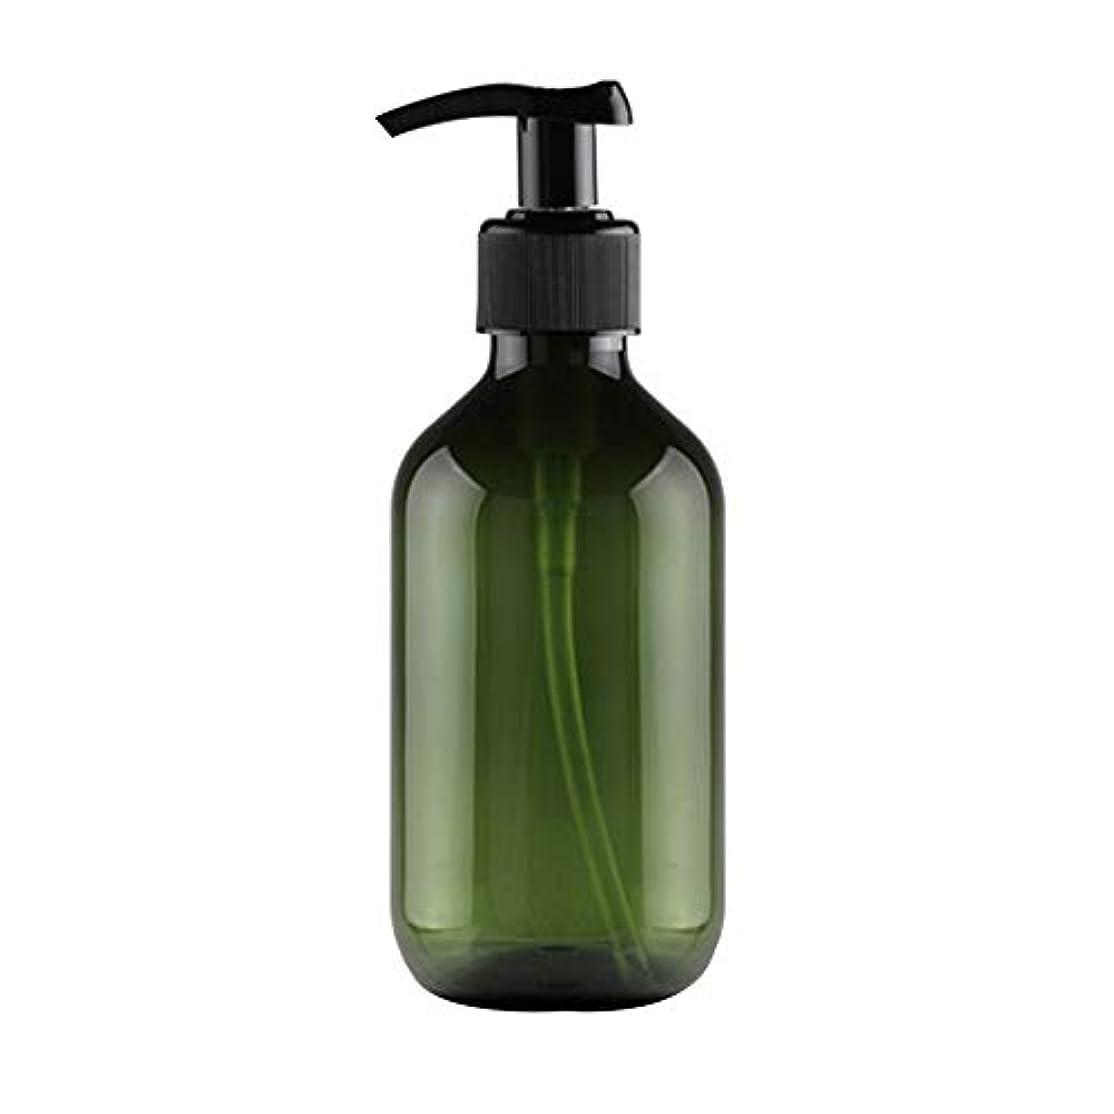 上級しっとり悪性のVi.yo 小分けボトル ポンプボトル 押し式詰替用ボトル 携帯用 旅行 出張用 シャンプー 乳液など入り トラベルボトル 300ml ダークグリーン